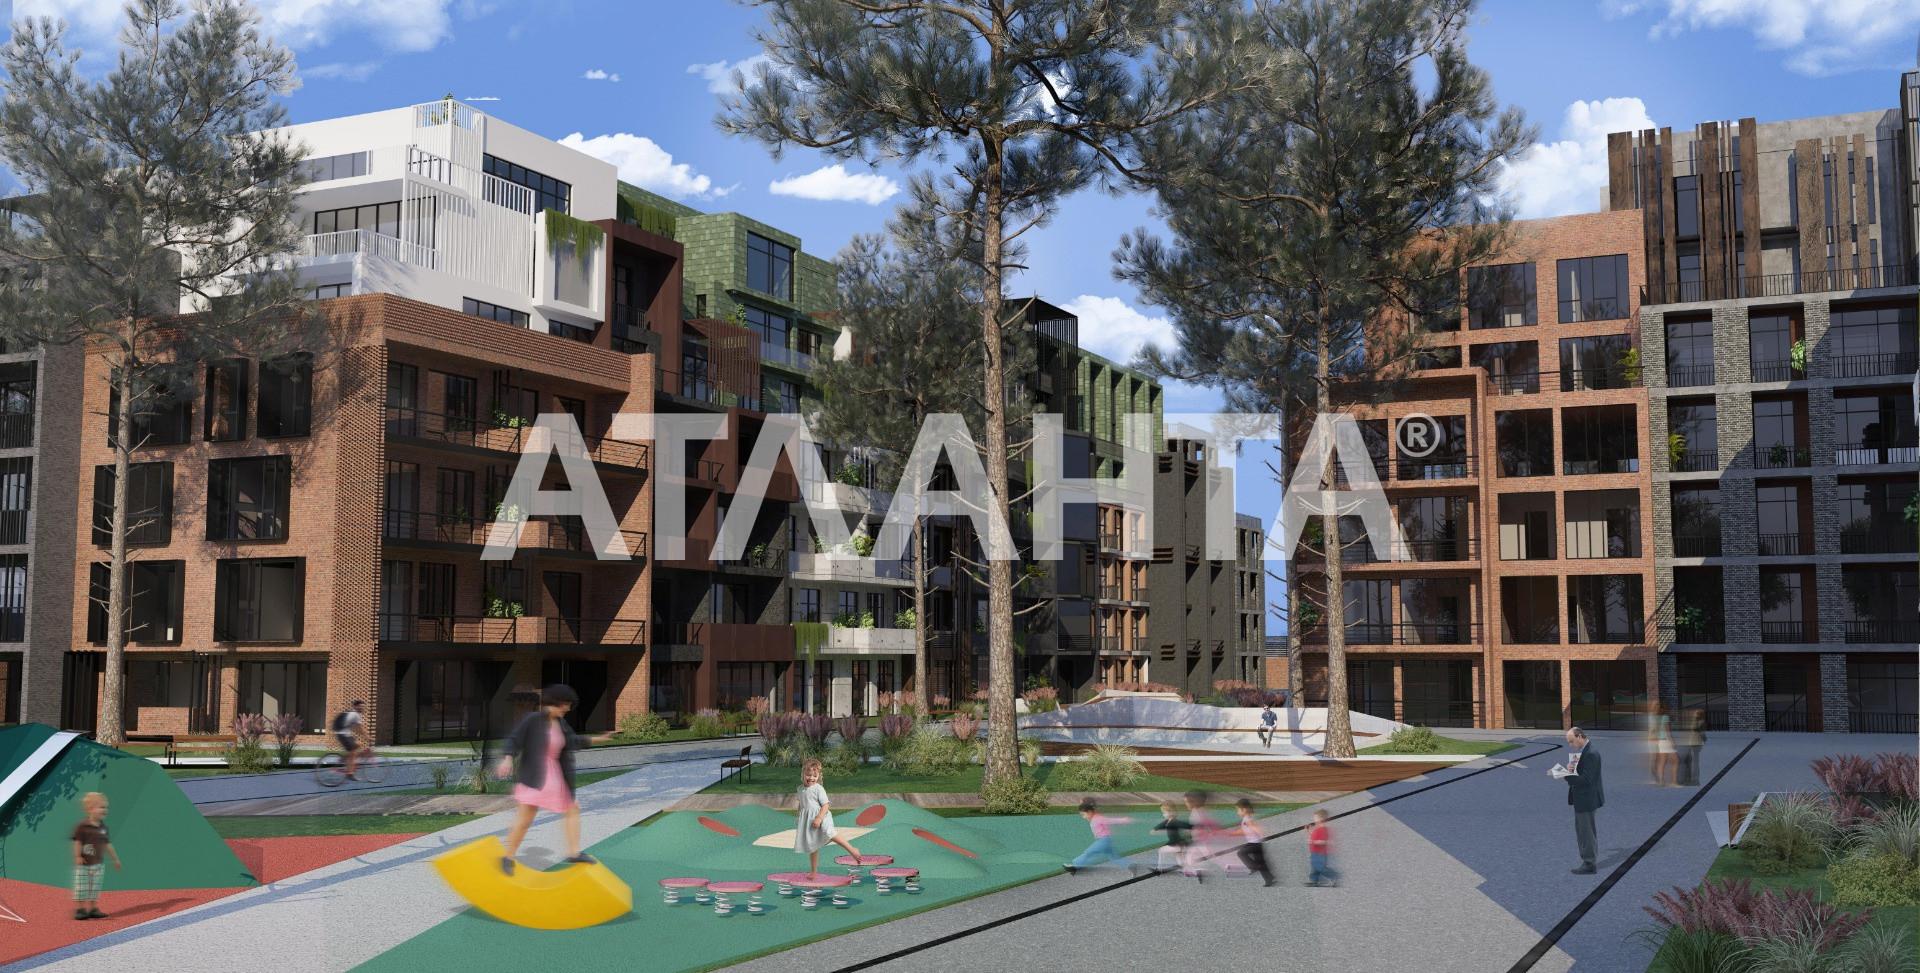 Продается 1-комнатная Квартира на ул. Донского Дмитрия — 42 940 у.е.